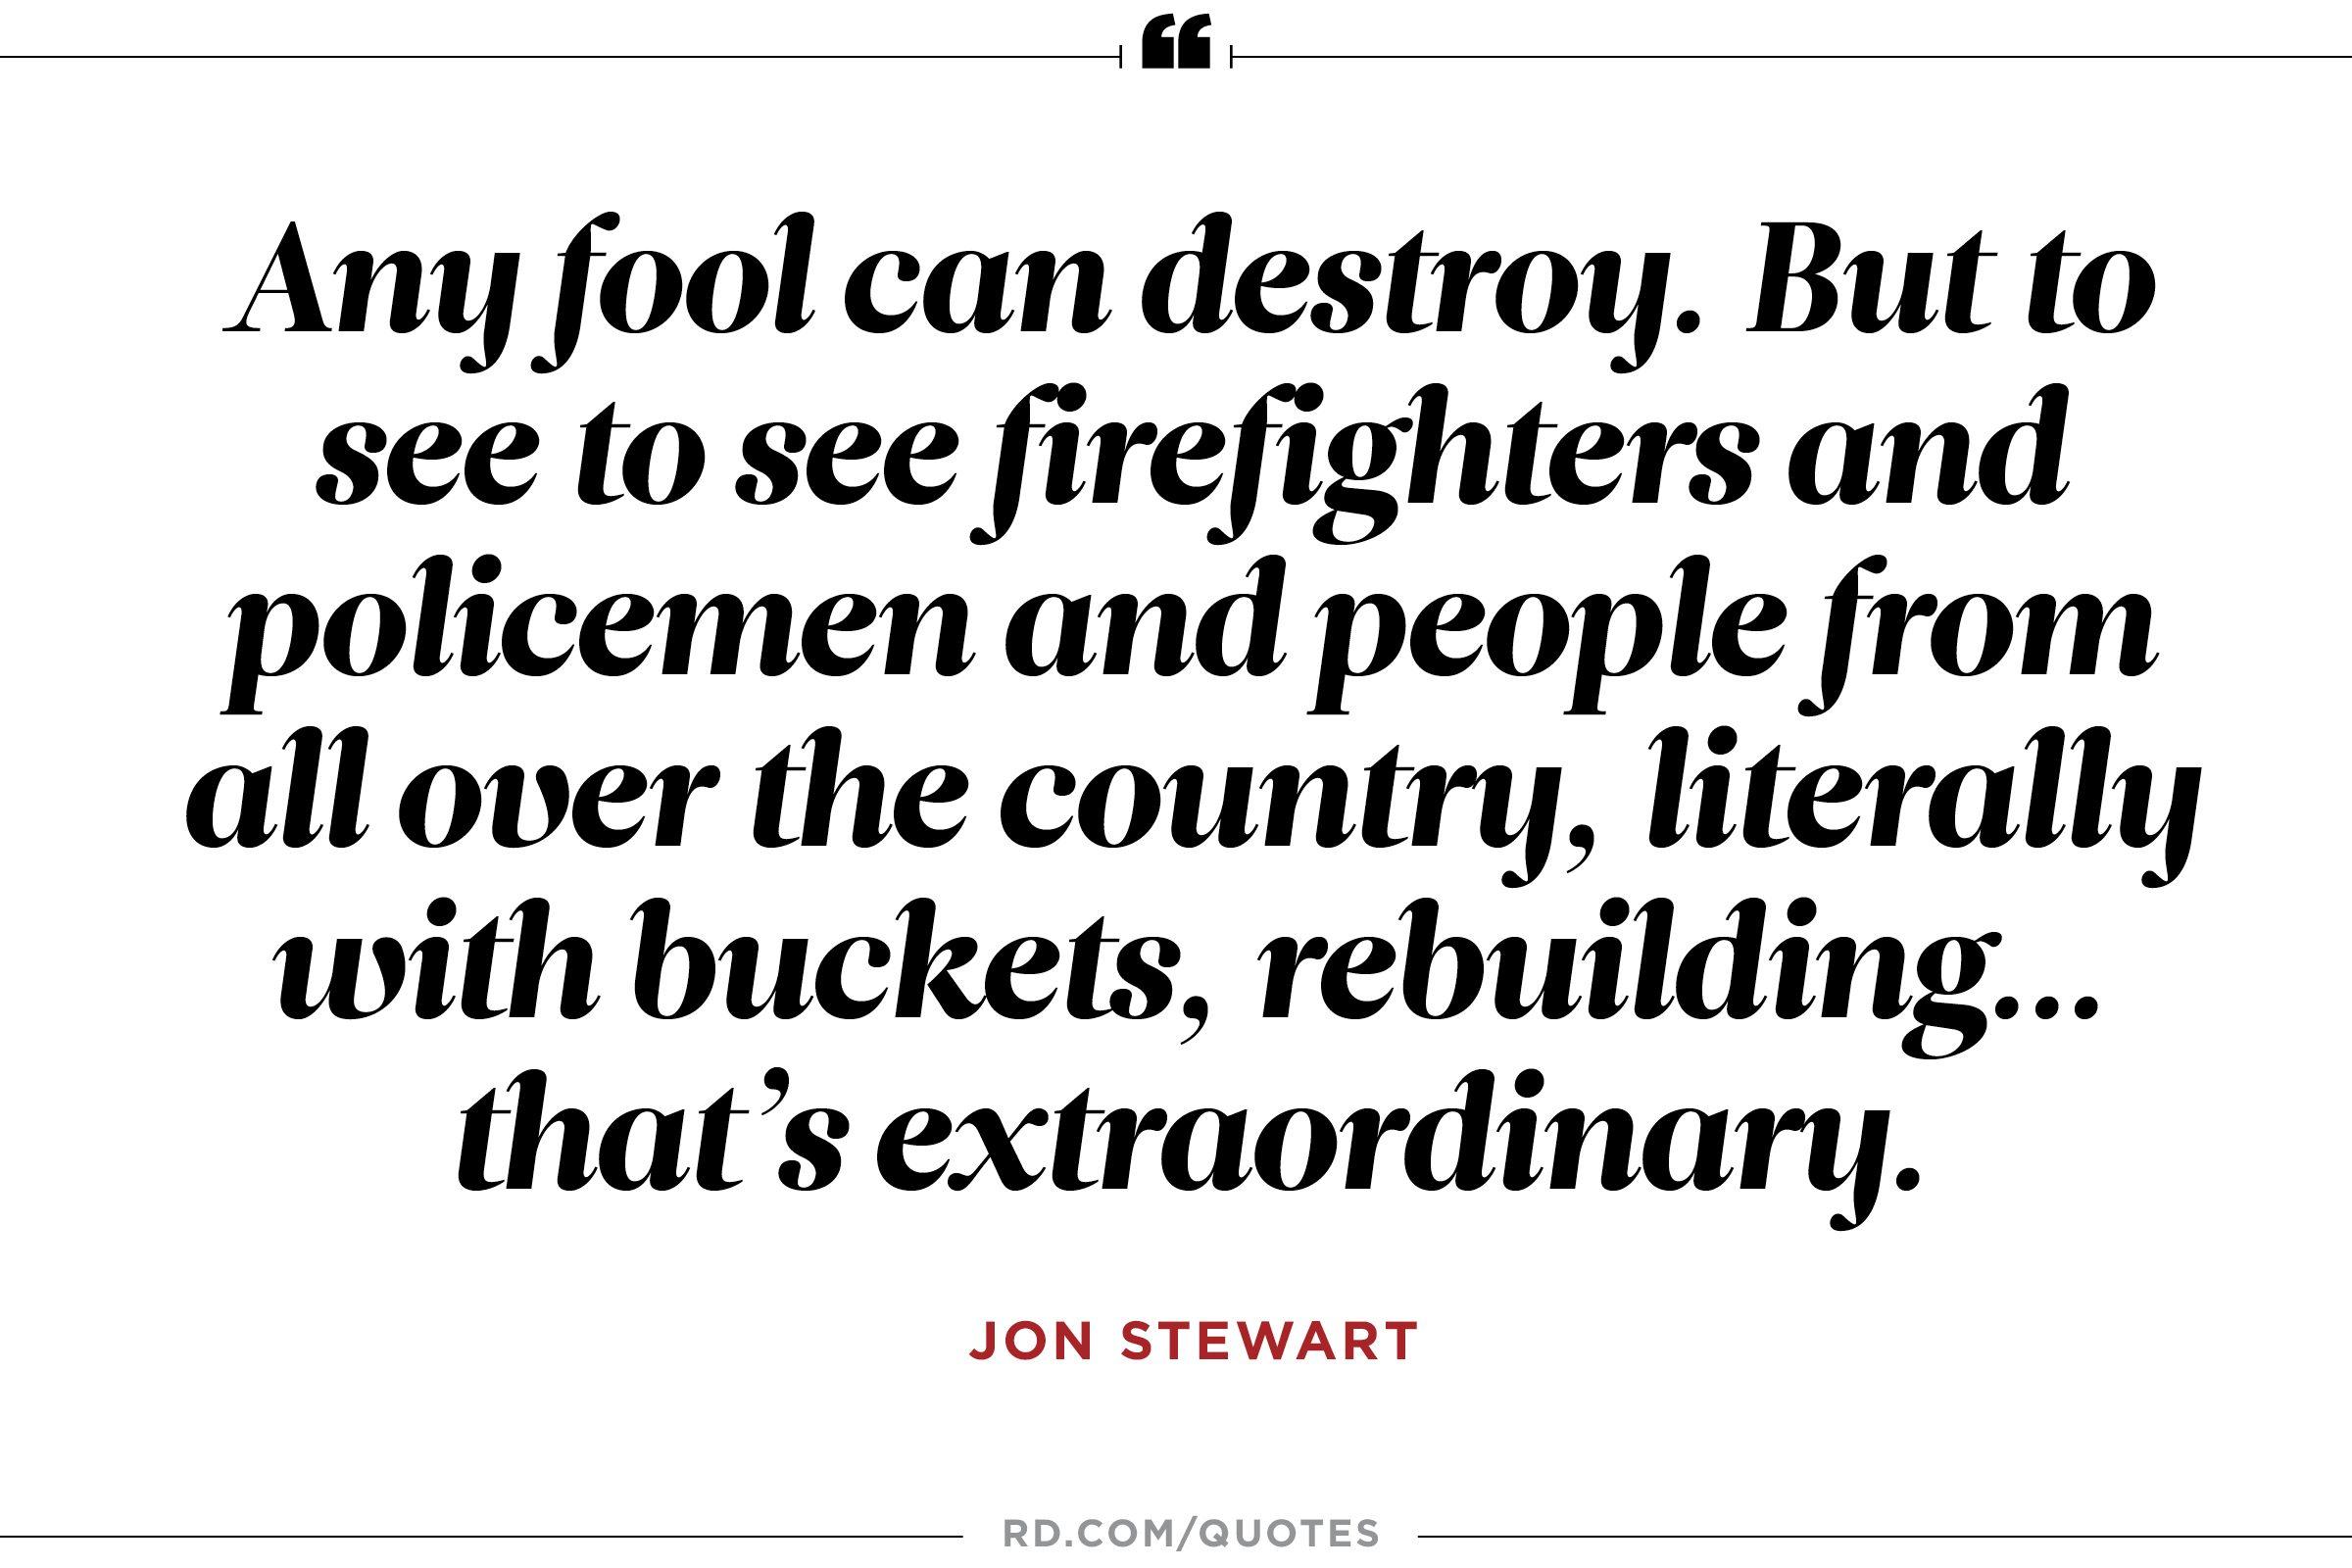 Jon Stewart on Humanity